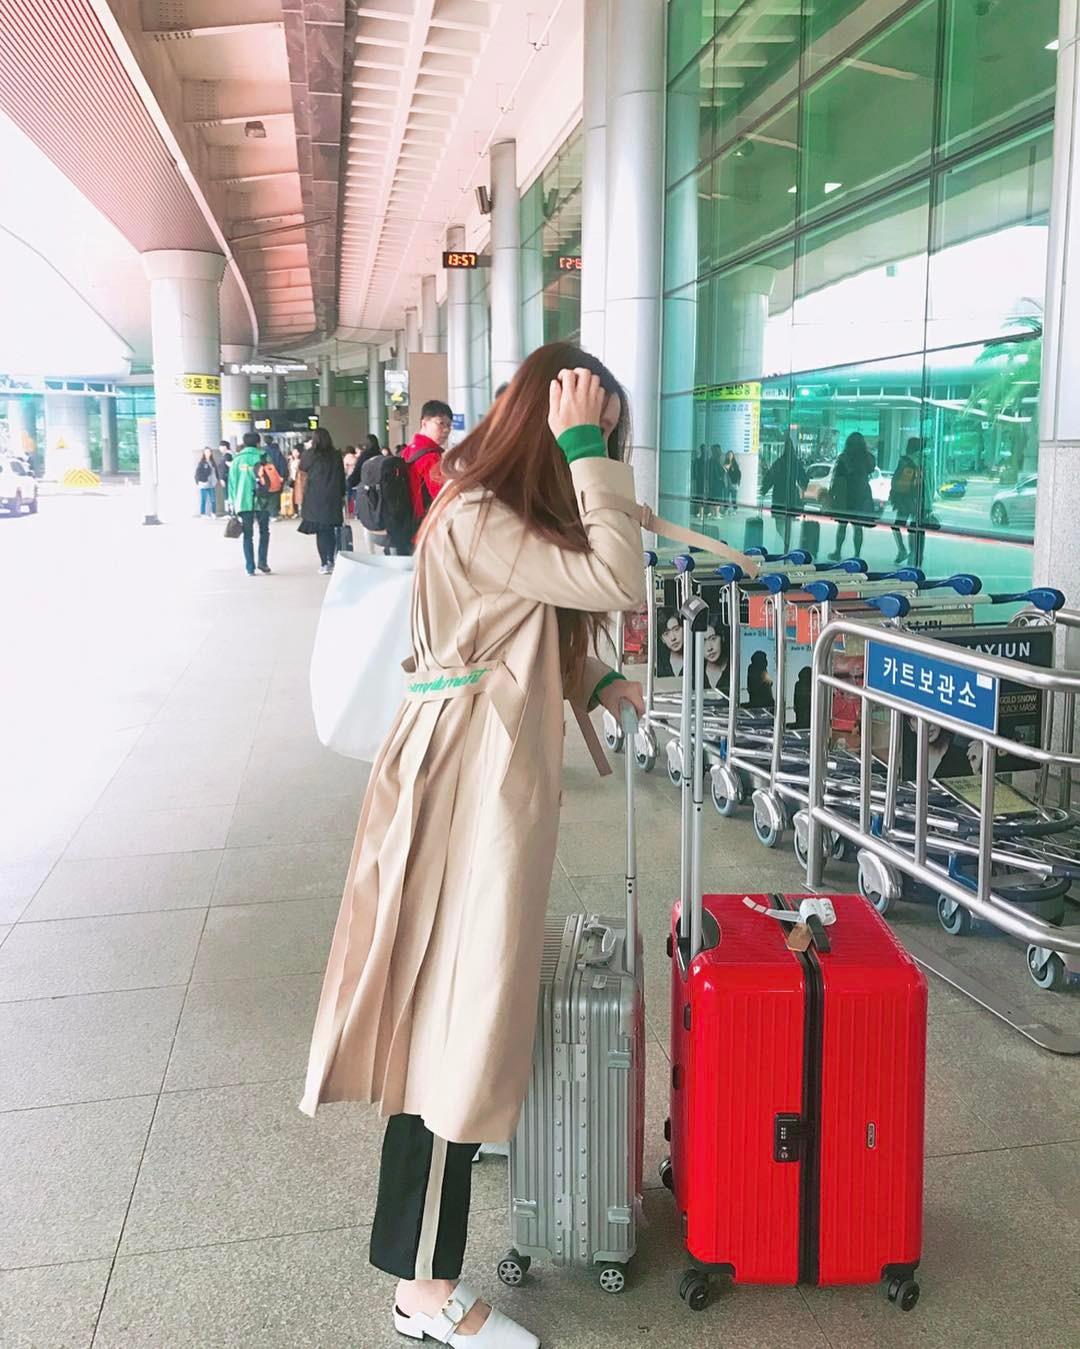 [分享]170325 孝敏INS分享近况  拖着行李箱去旅行的小姐姐